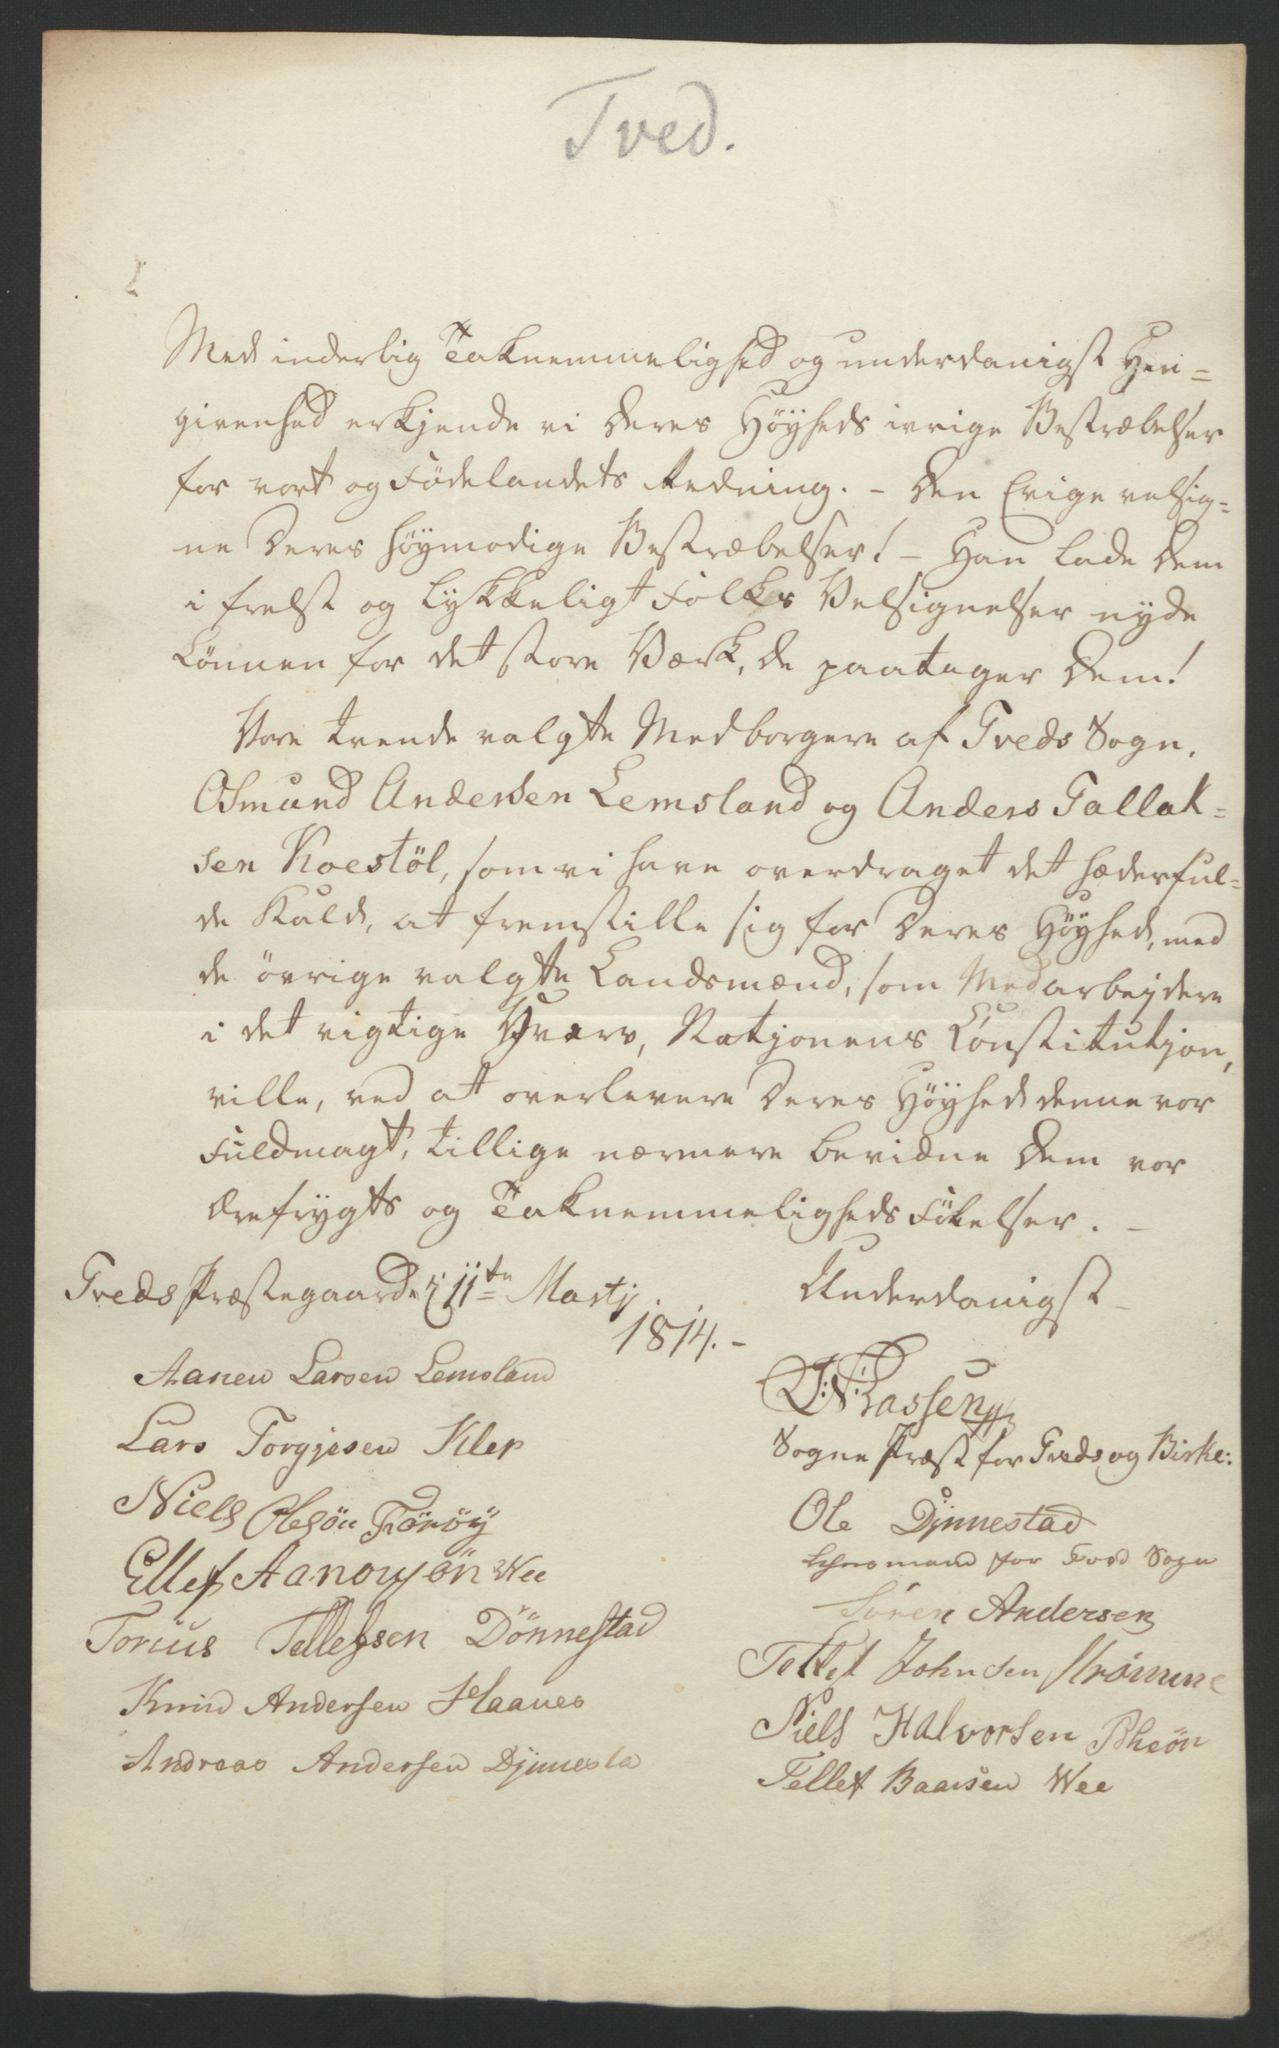 RA, Statsrådssekretariatet, D/Db/L0008: Fullmakter for Eidsvollsrepresentantene i 1814. , 1814, s. 136